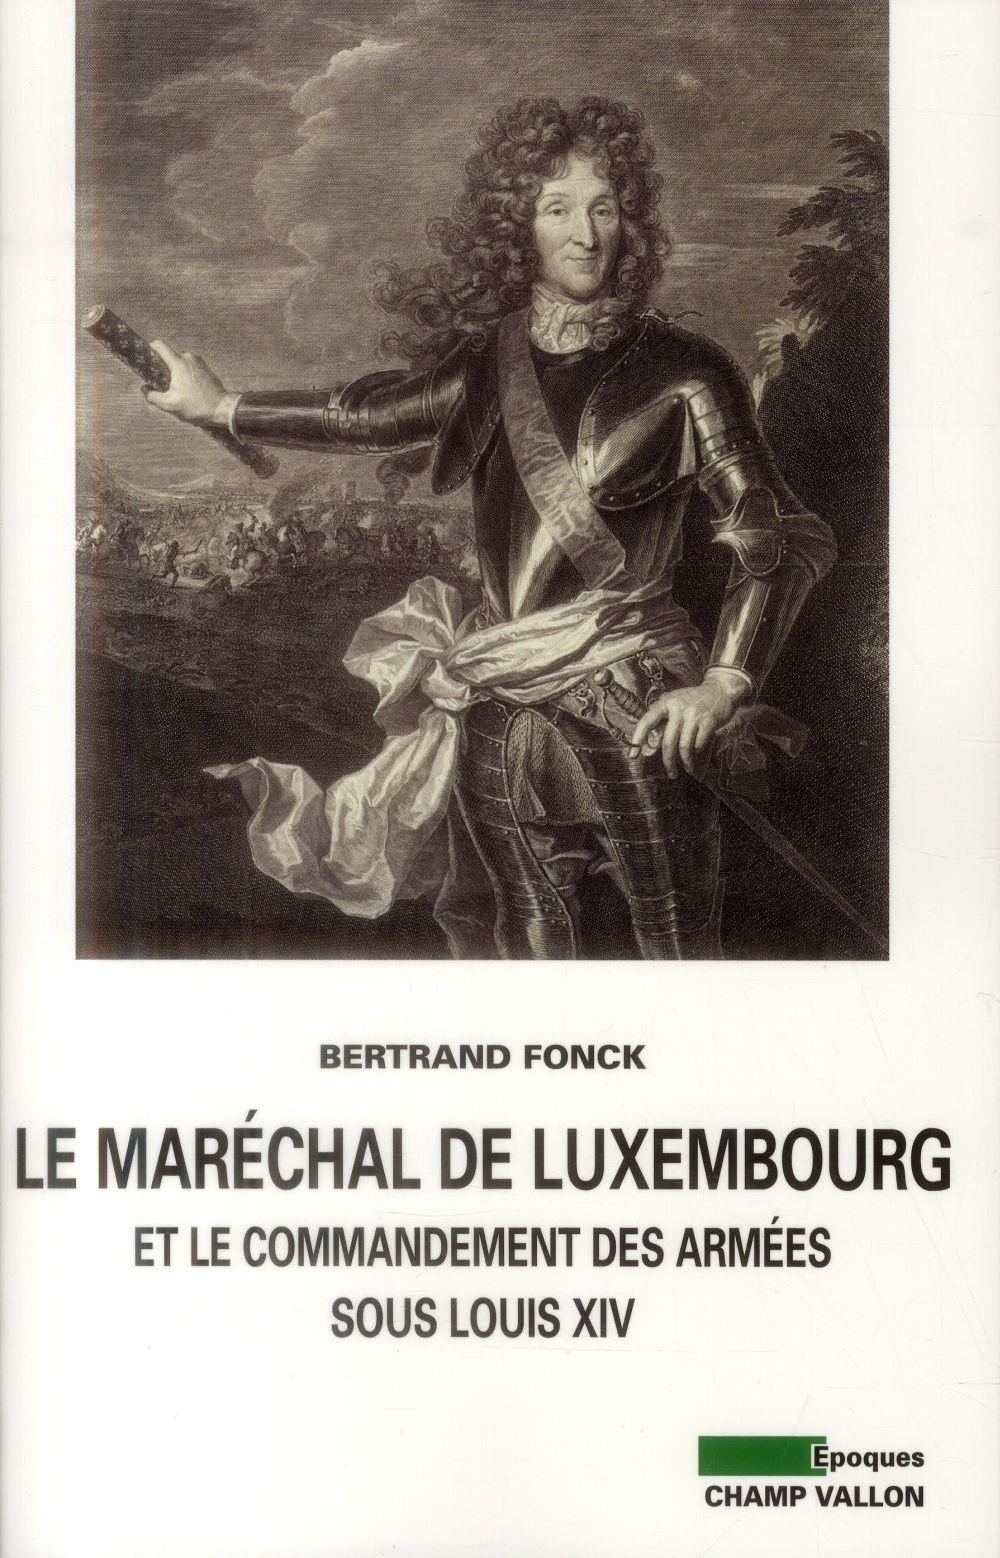 Le Maréchal de Luxembourg et le commandement des armées sous Louis XIV